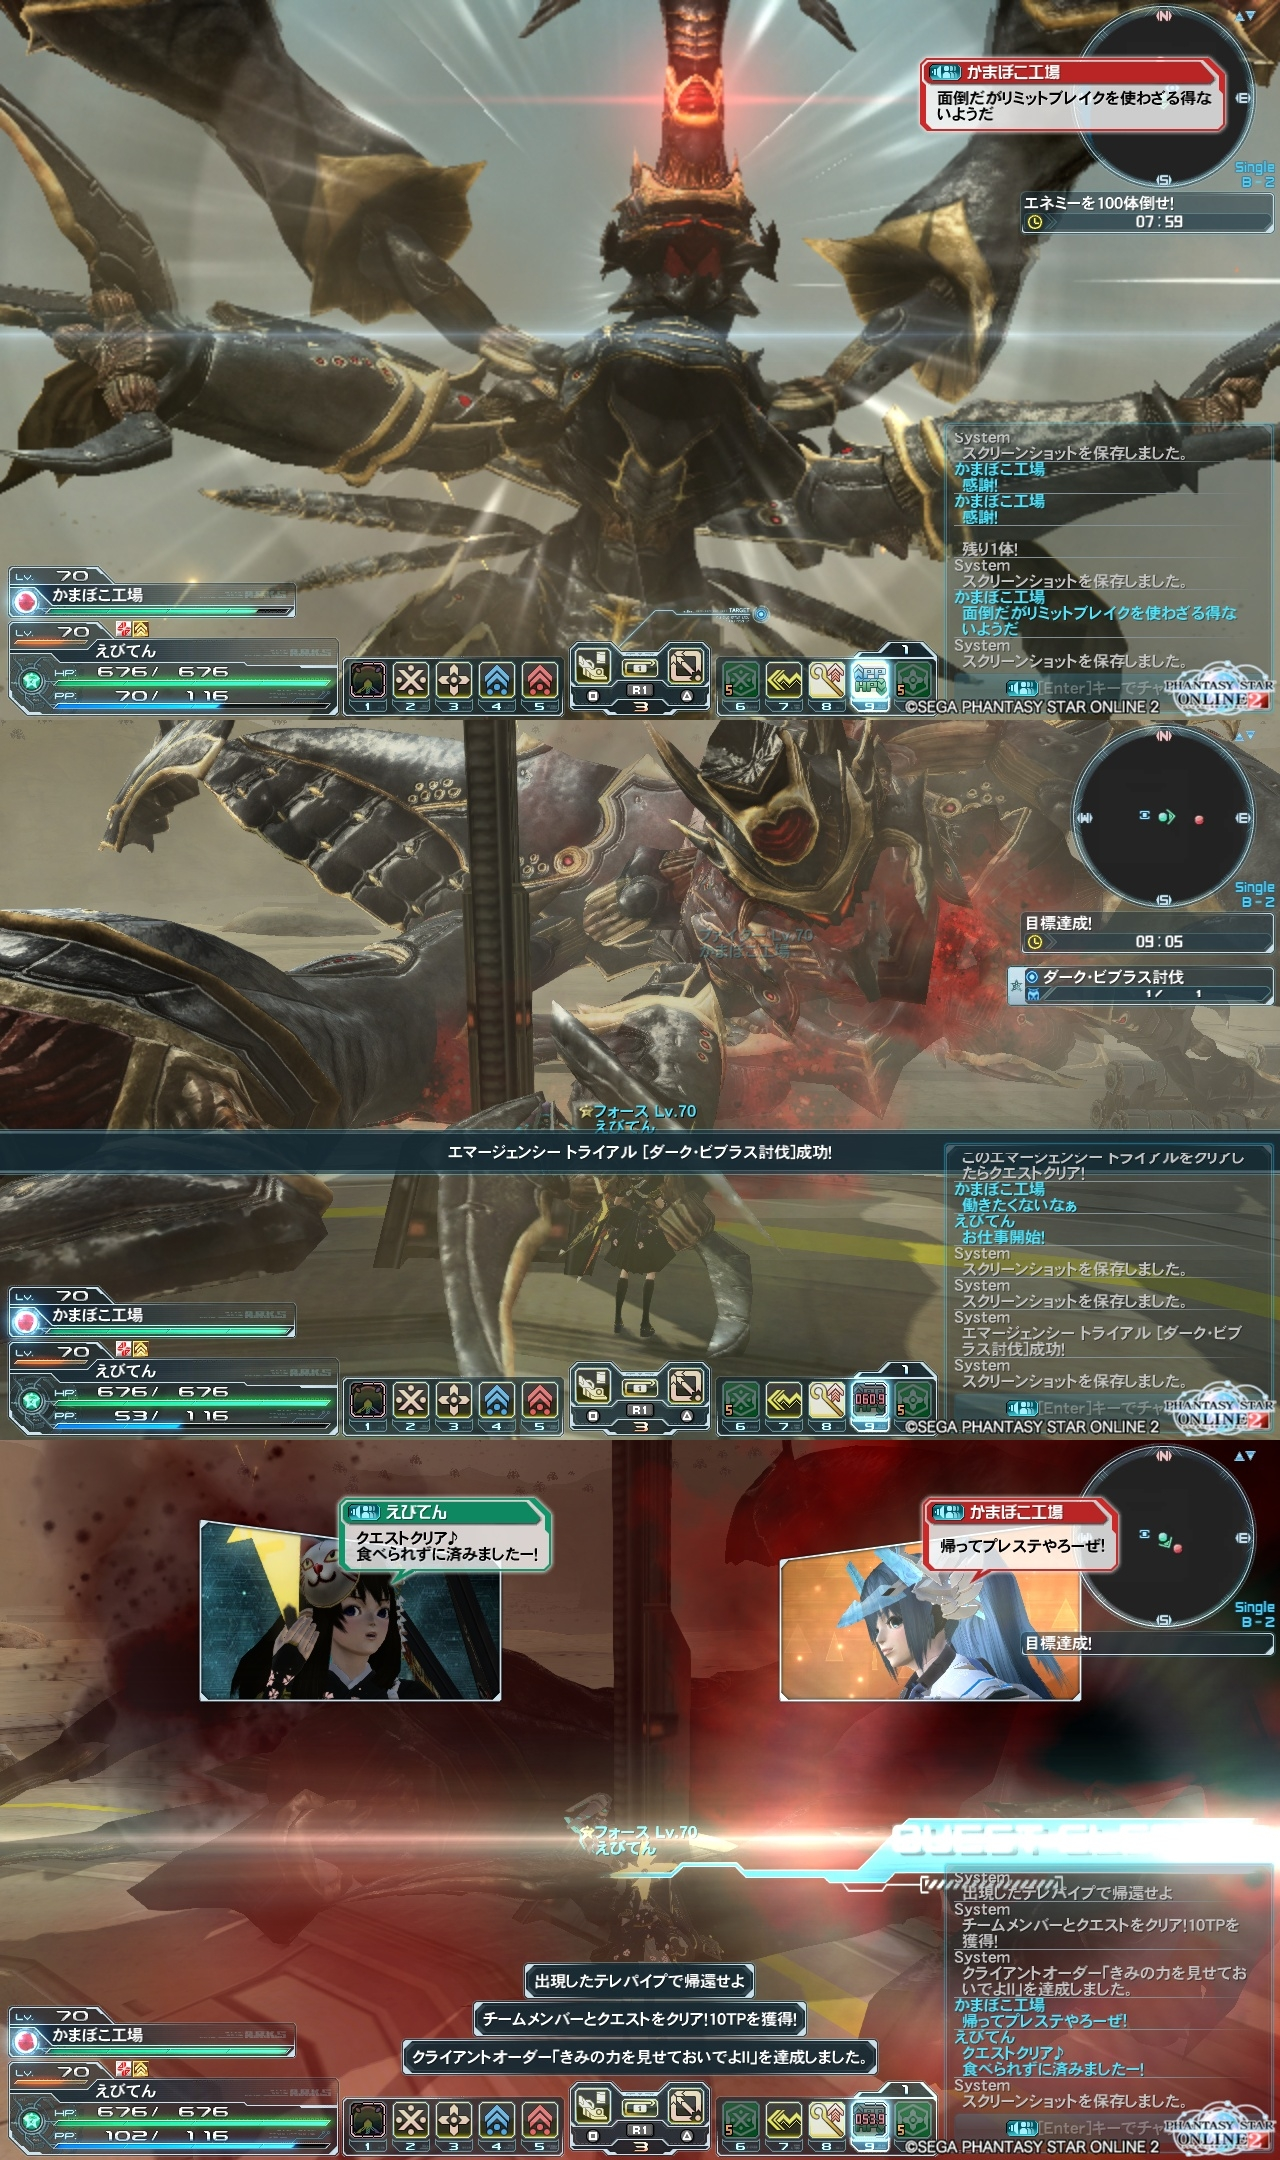 アークスGP2014本戦クリア